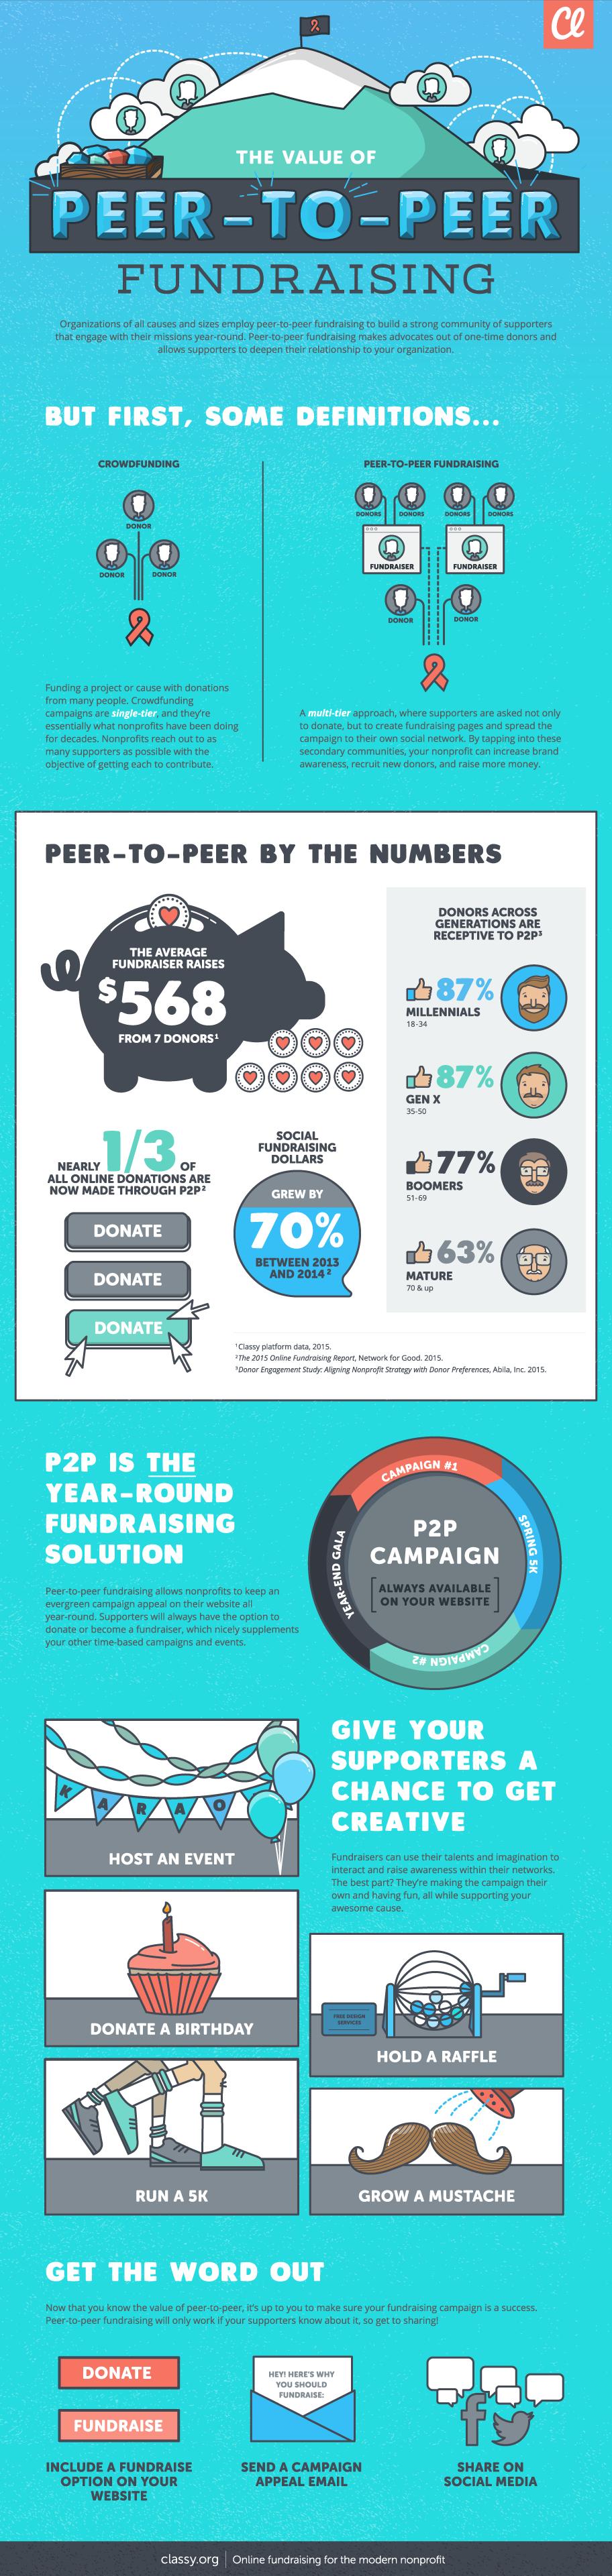 classy-value-of-p2p